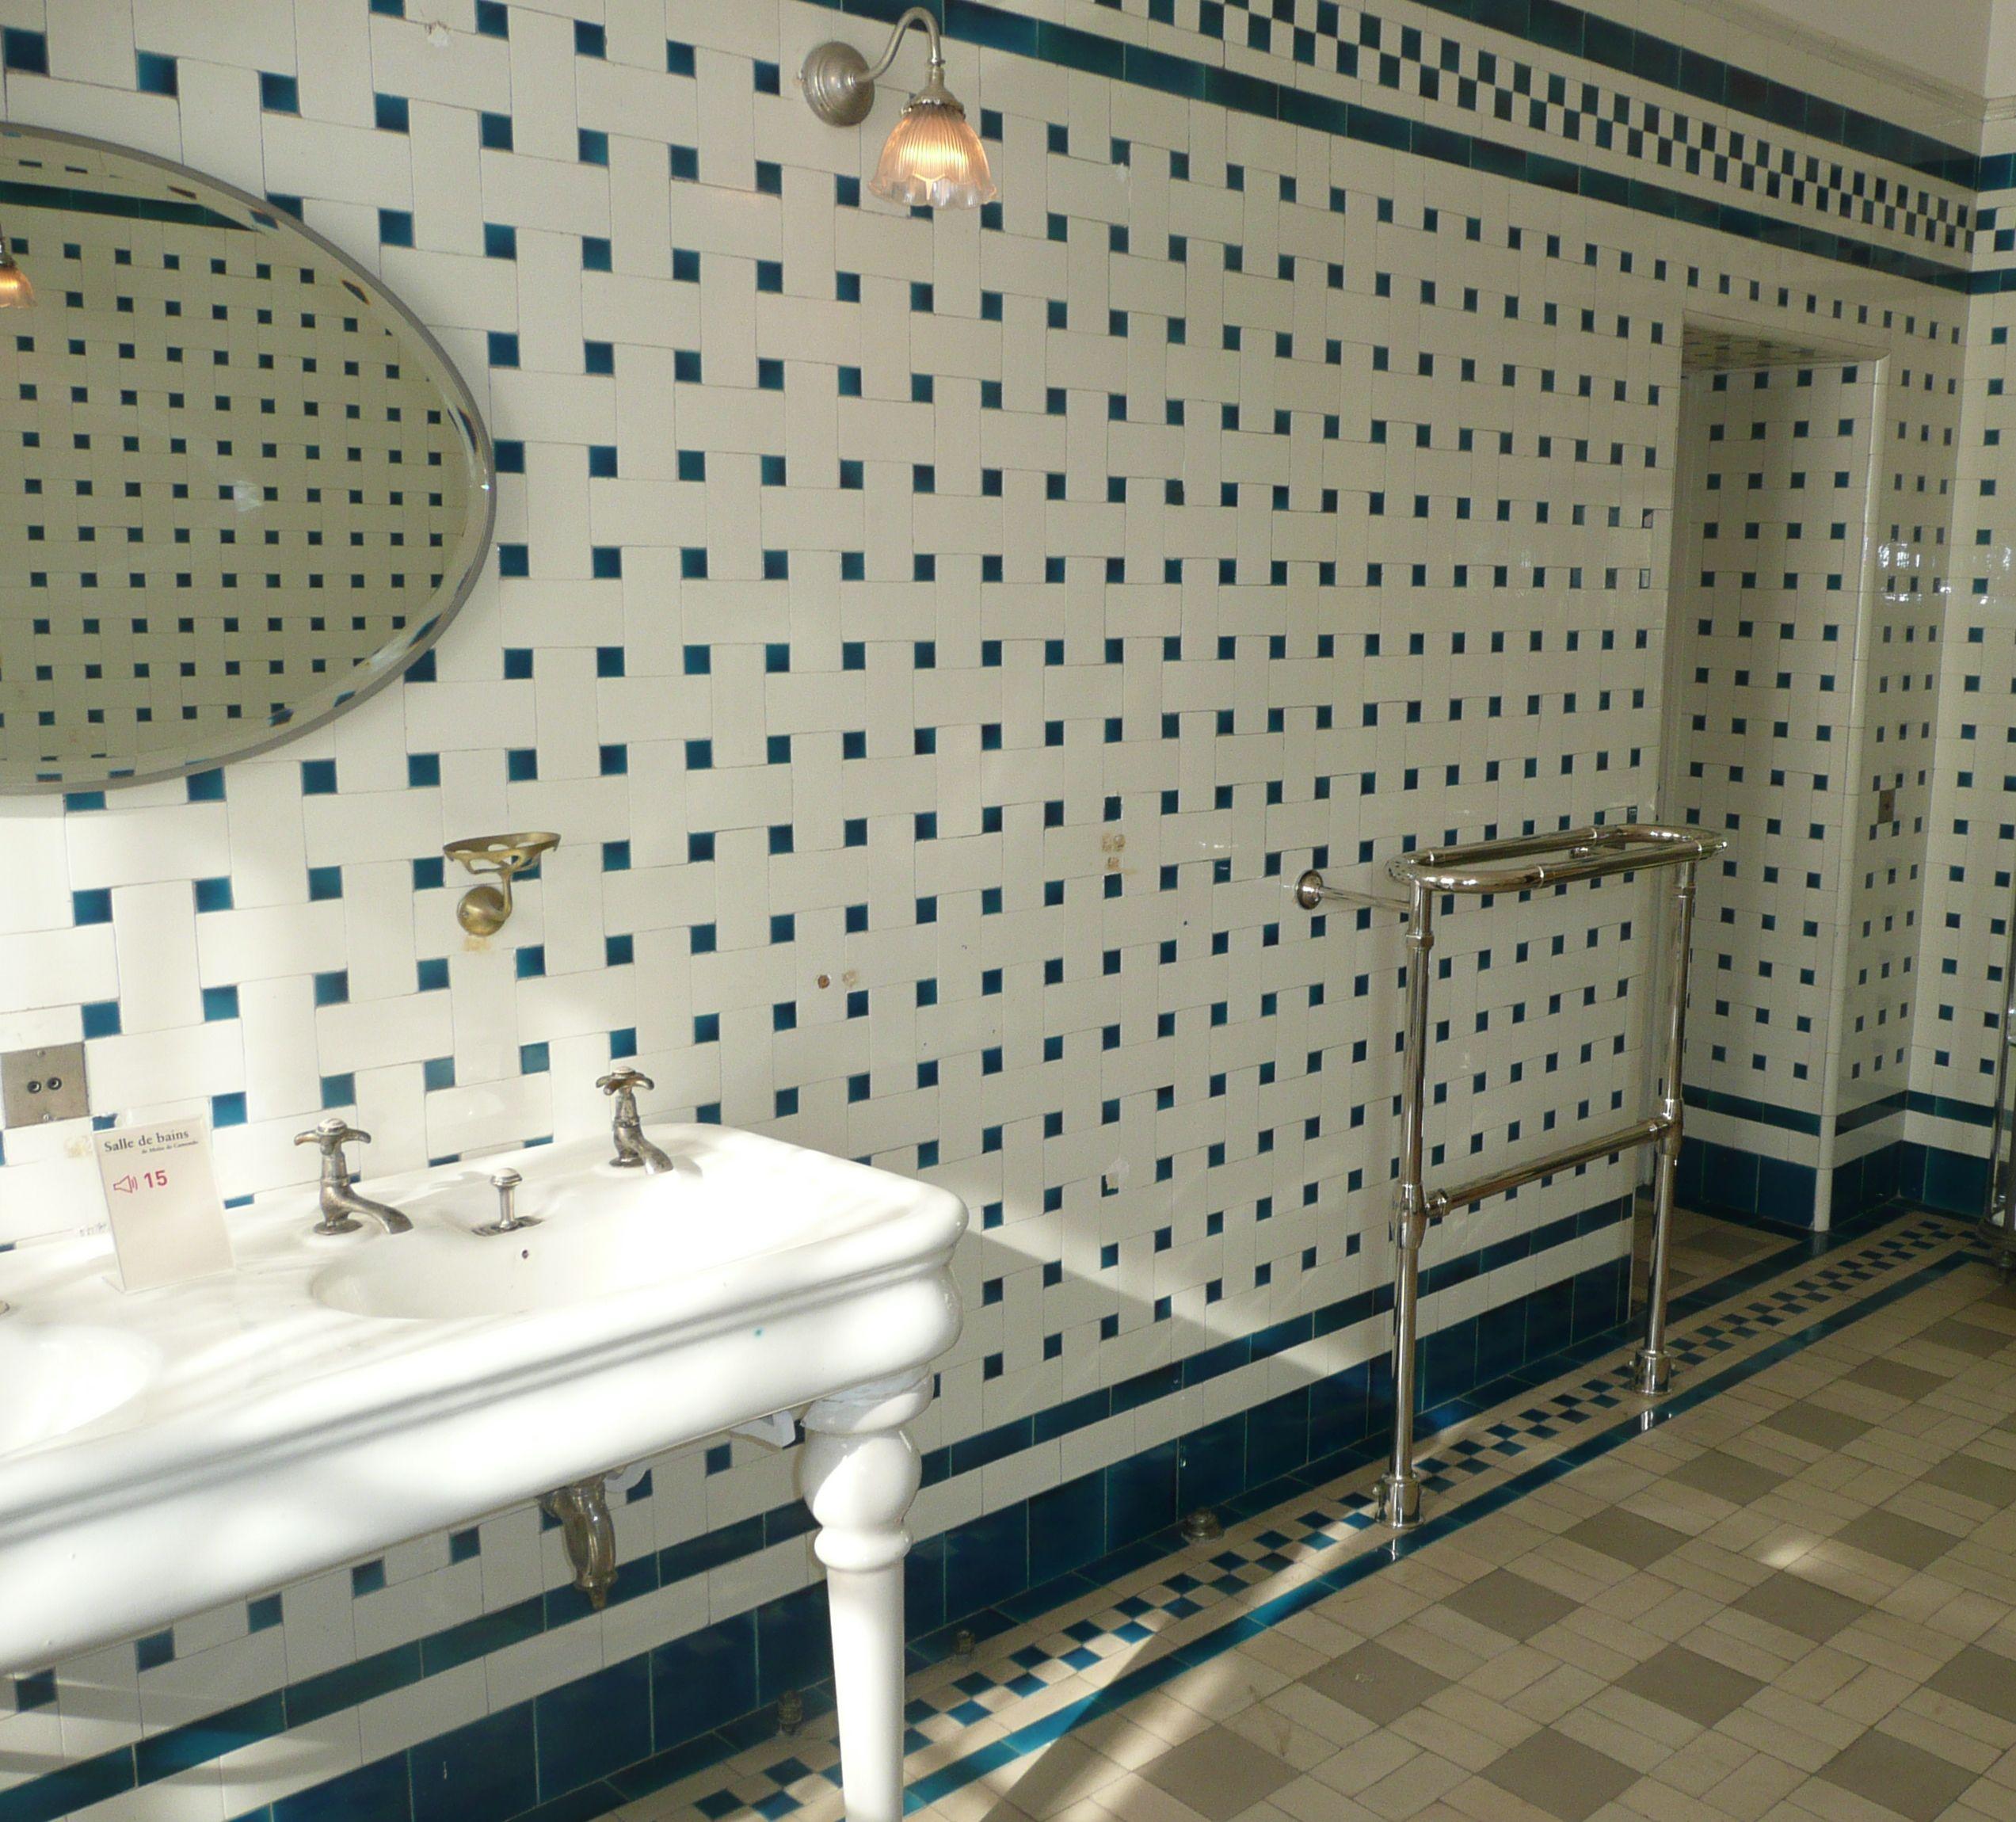 Les salles de bains du mus e nissim de camondo for Faience bleue salle de bain